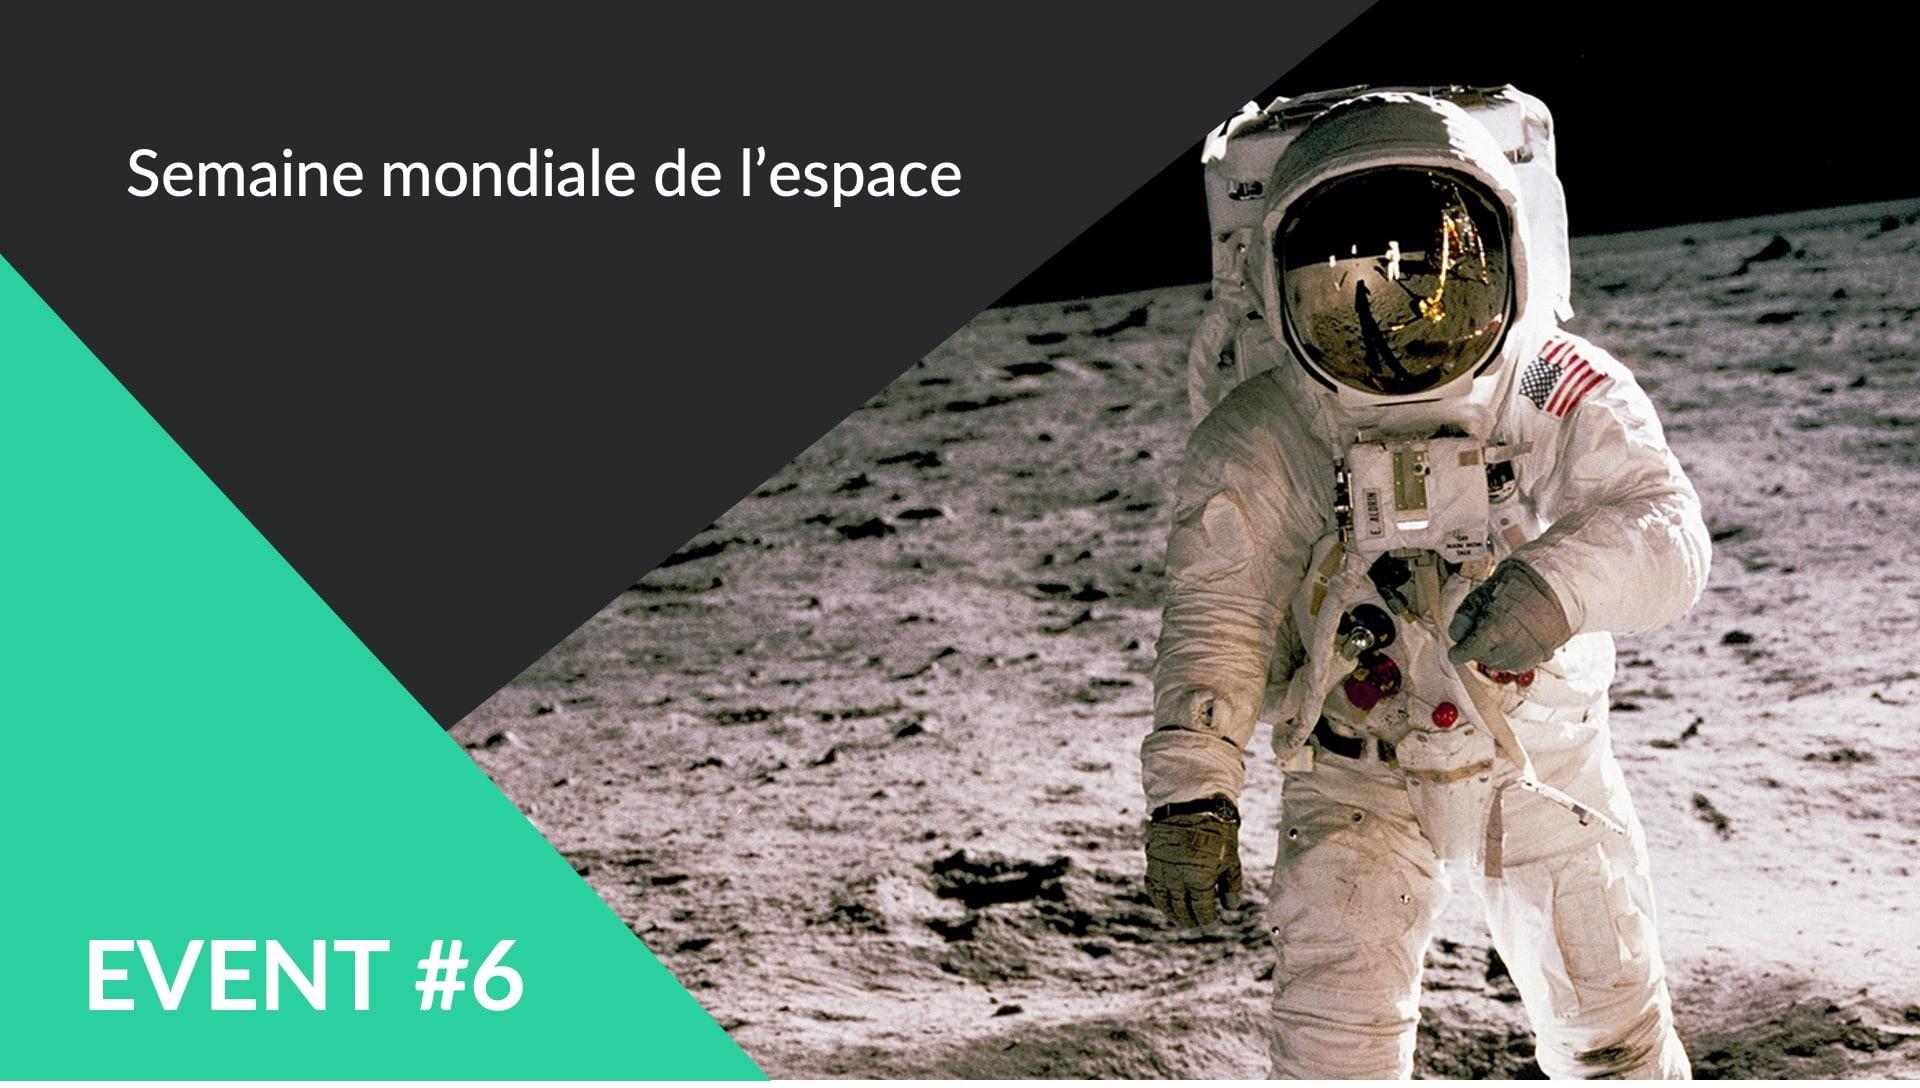 Conférence semaine mondiale de l'espace